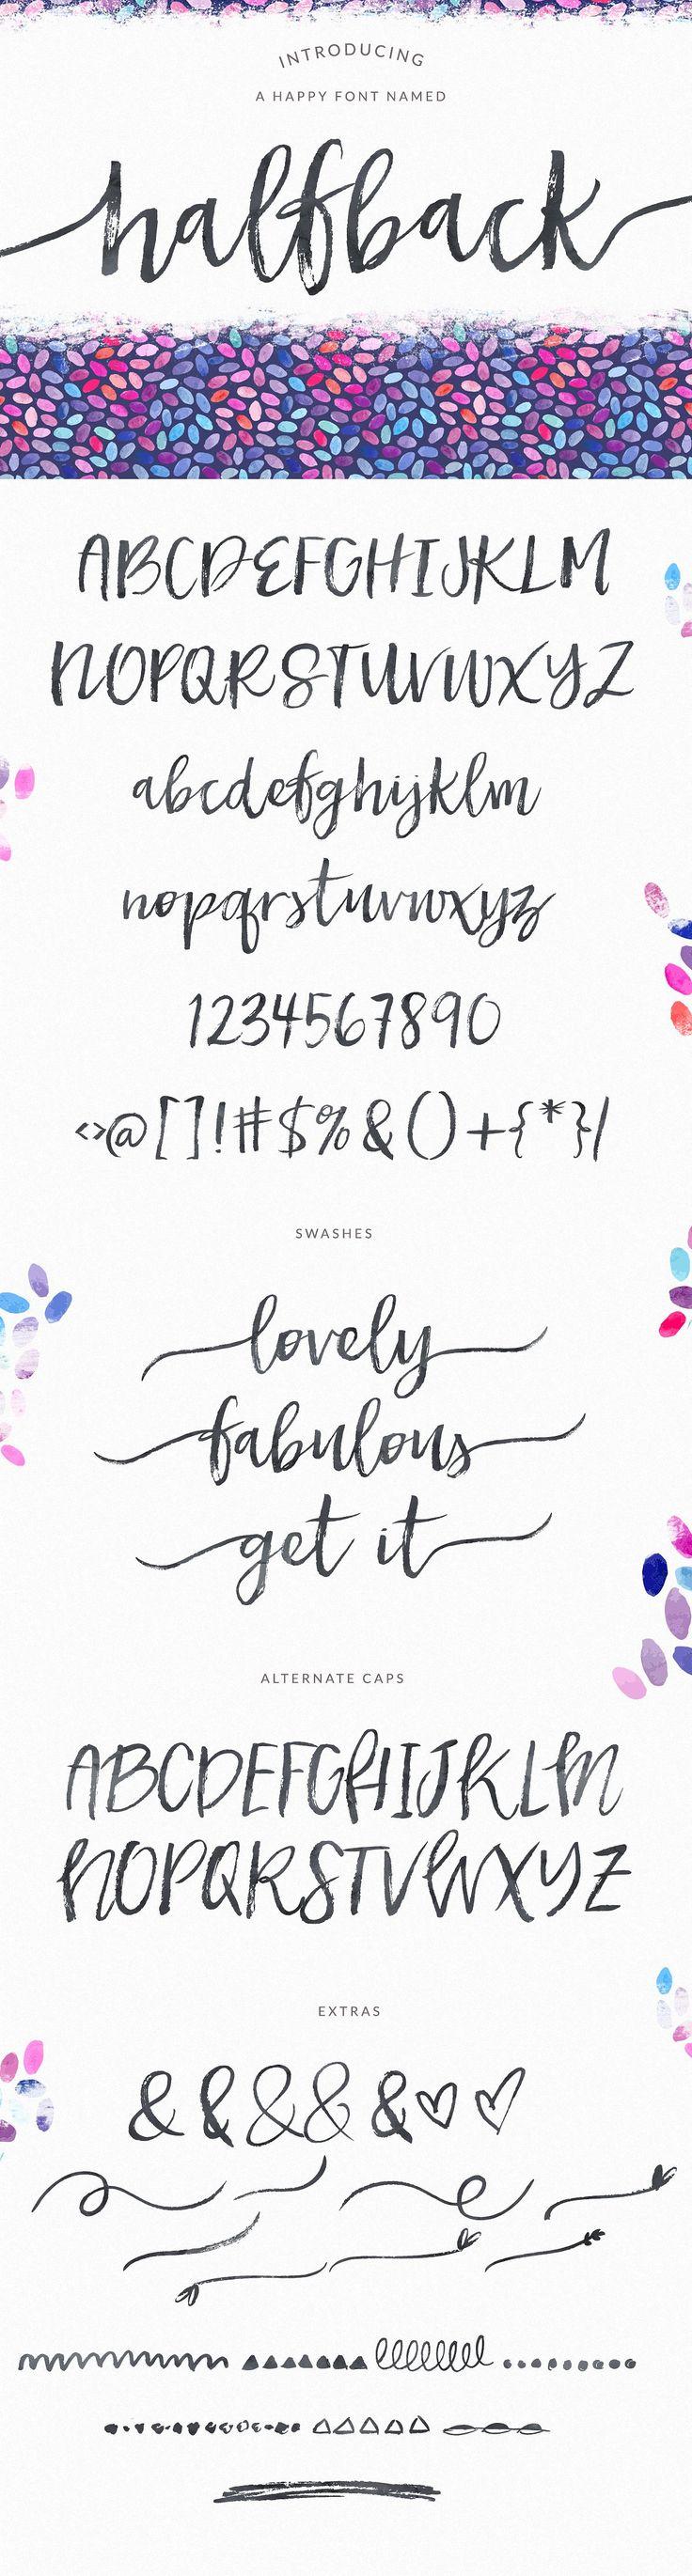 надпись с новым годом красивым шрифтом трафарет